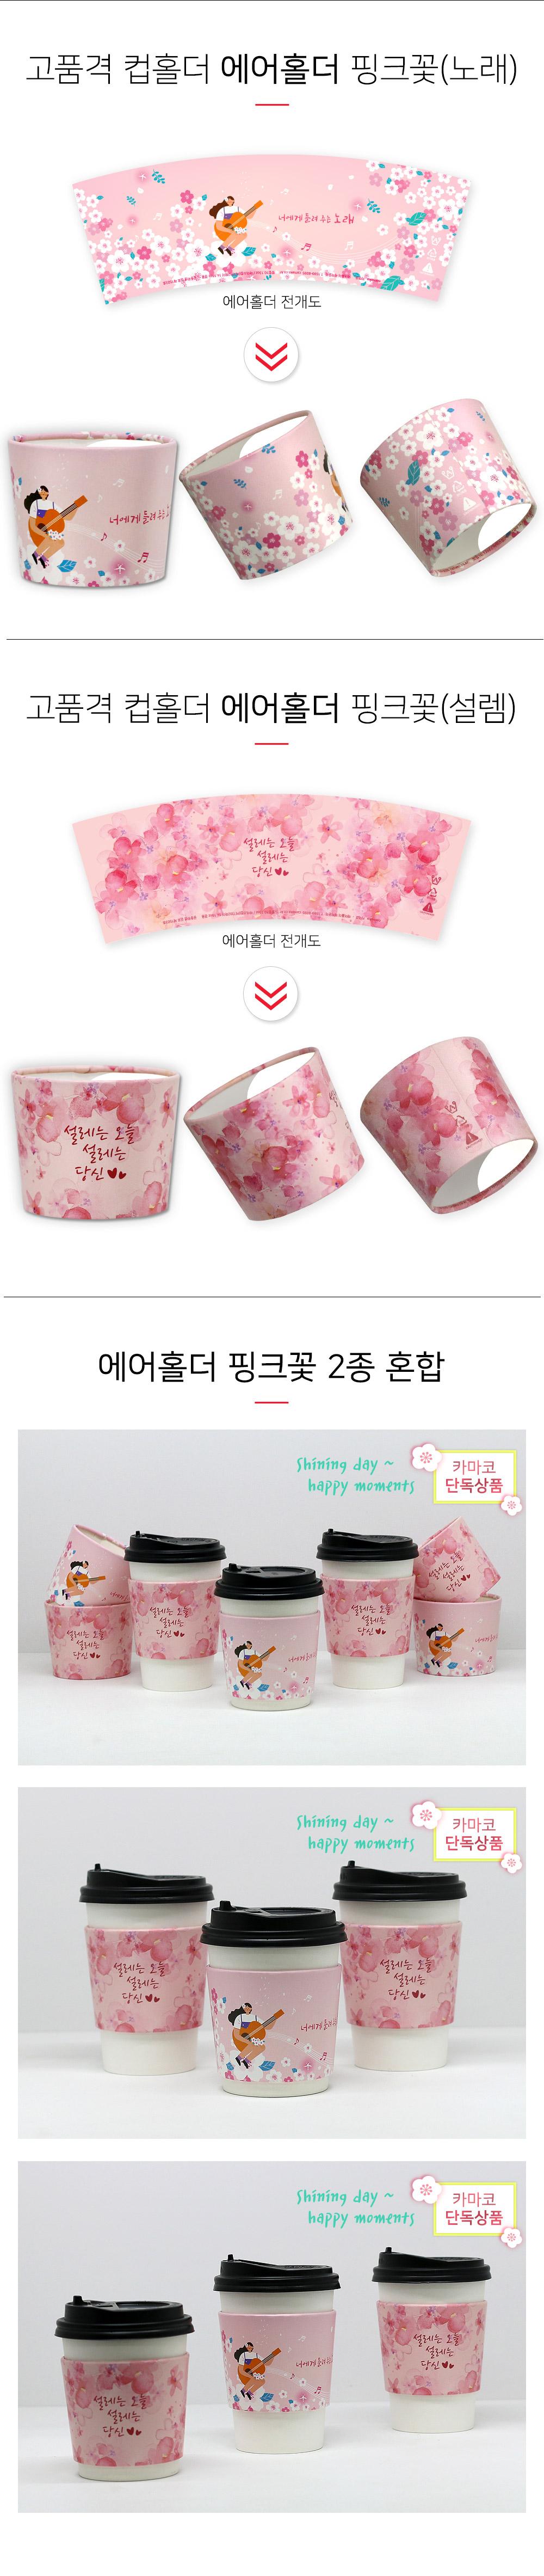 카마코단독상품 에어홀더 핑크꽃2종